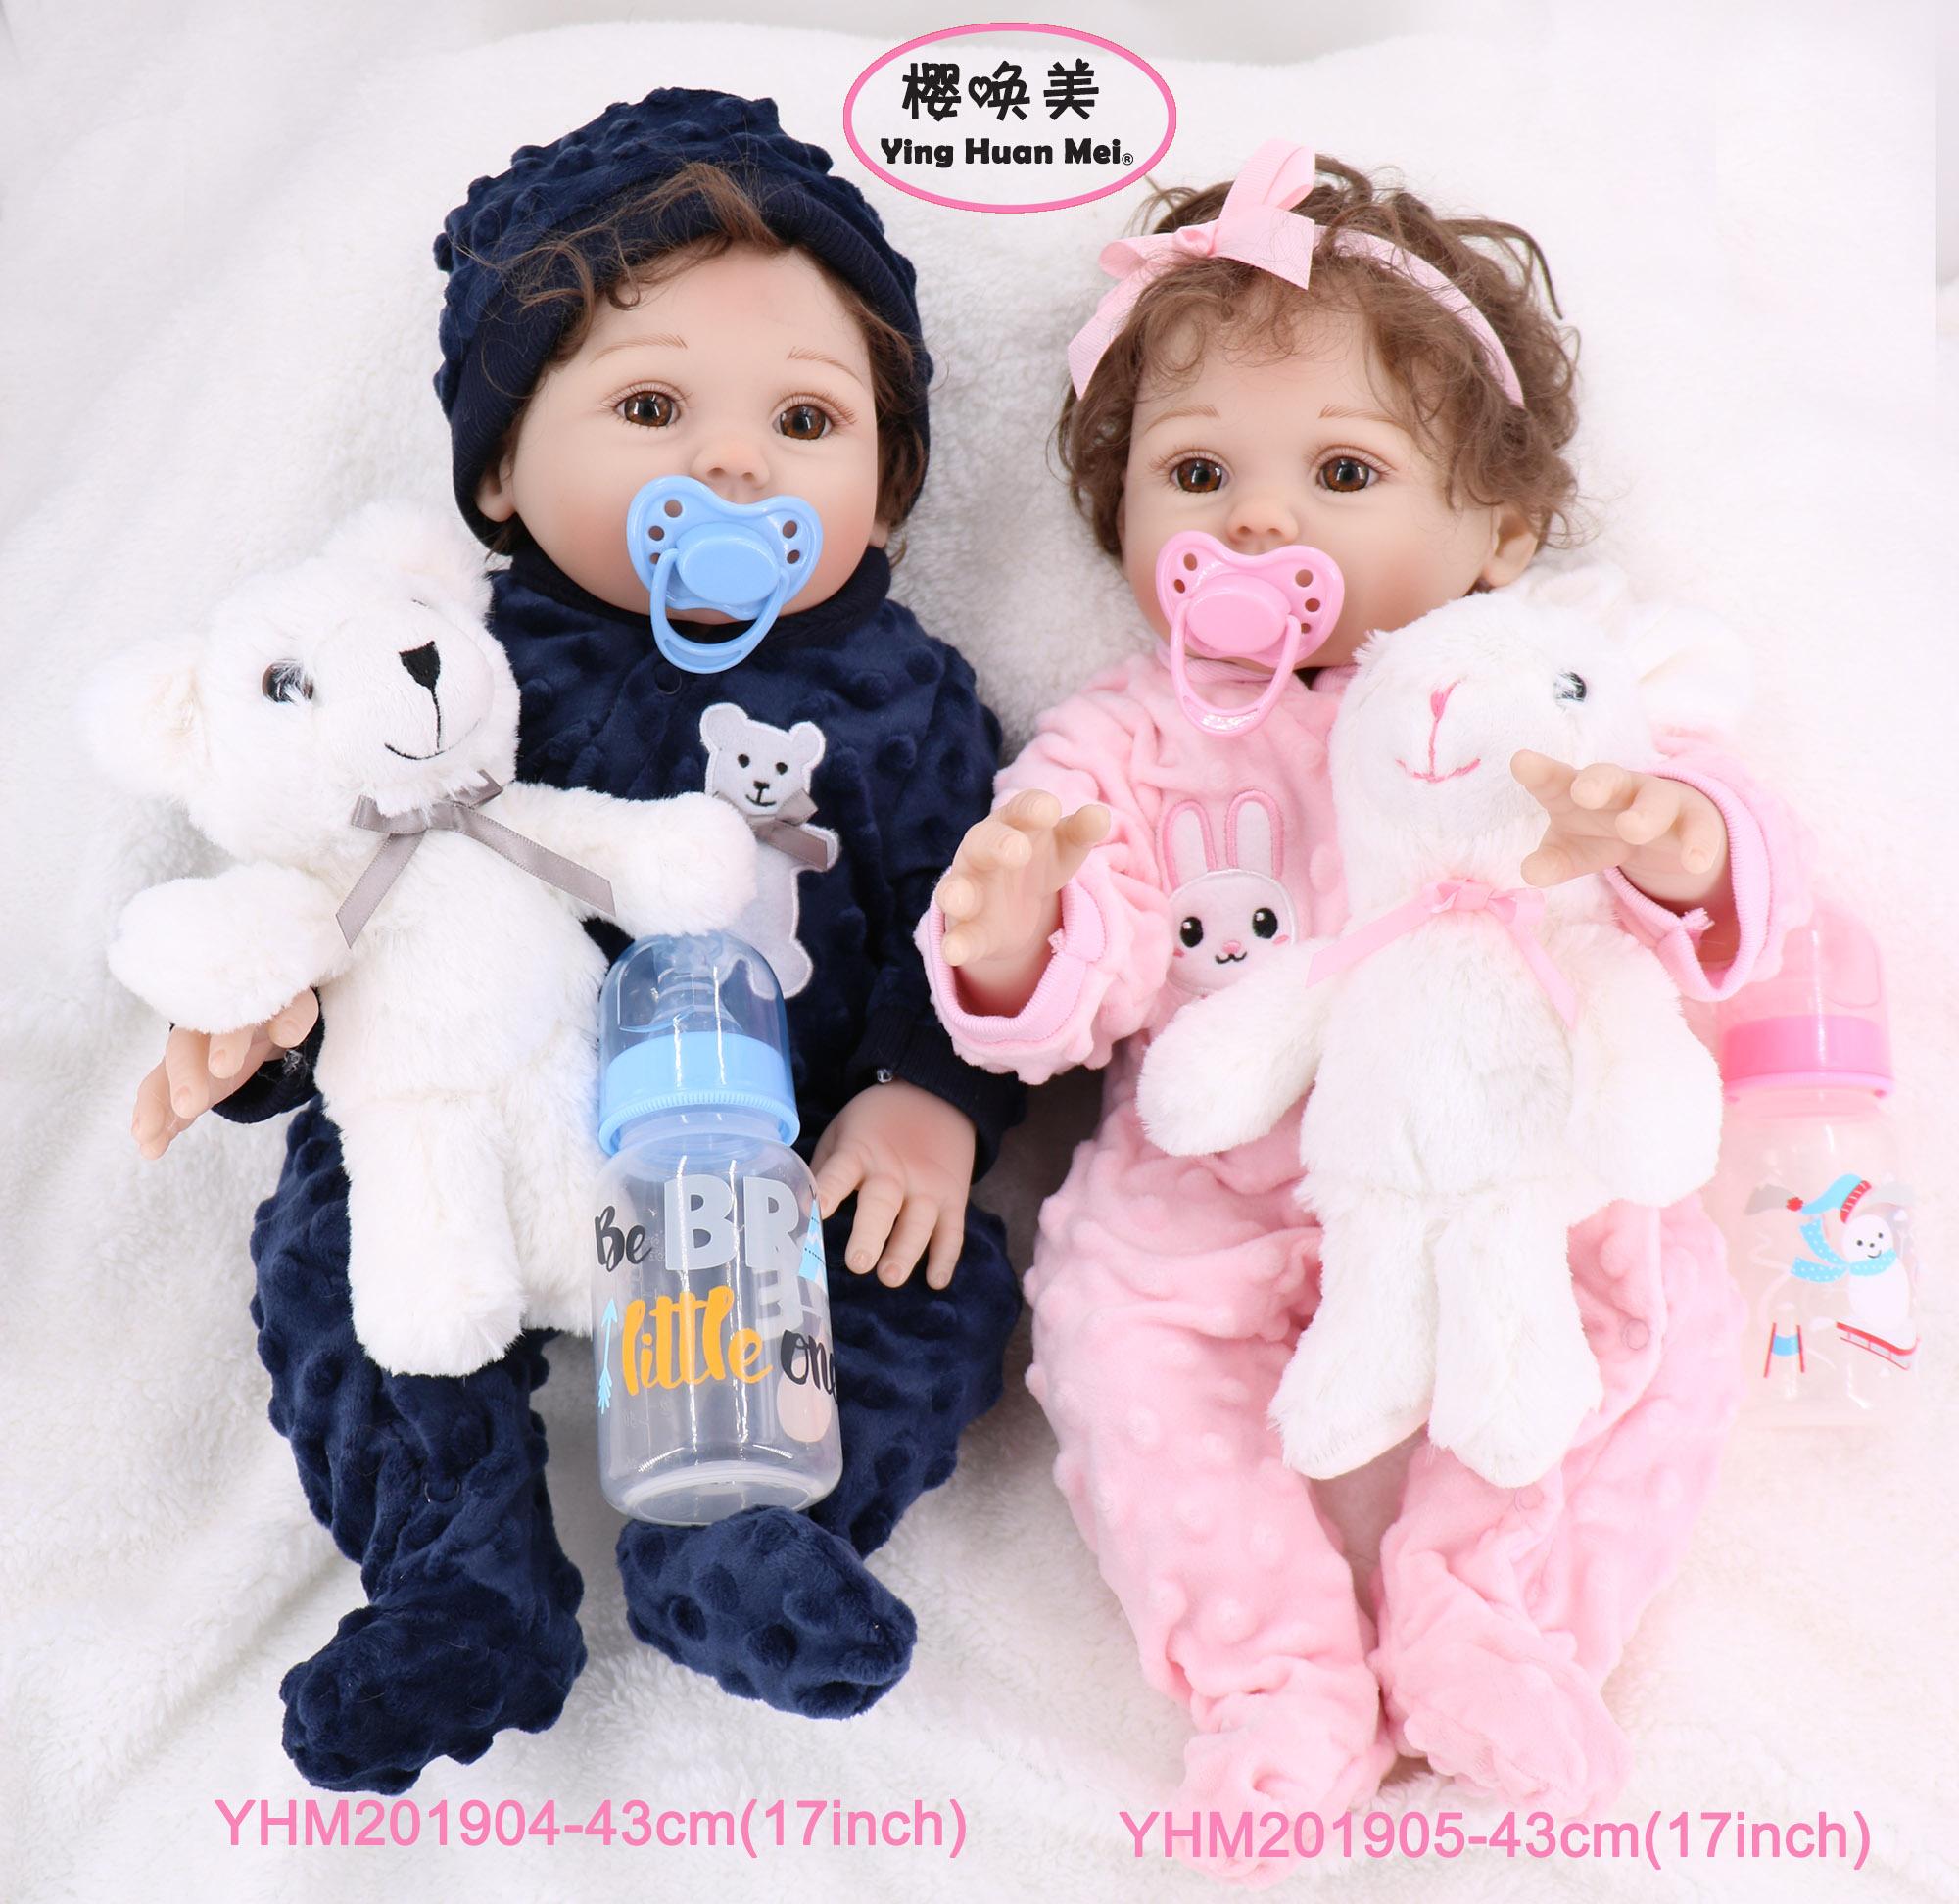 Child Reborn Full Silicone Reborn Full Silicone Body Baby Dolls Boy Girl Twin 43CM Vinyl Realistic Mini Moll Bath Toy Waterproof